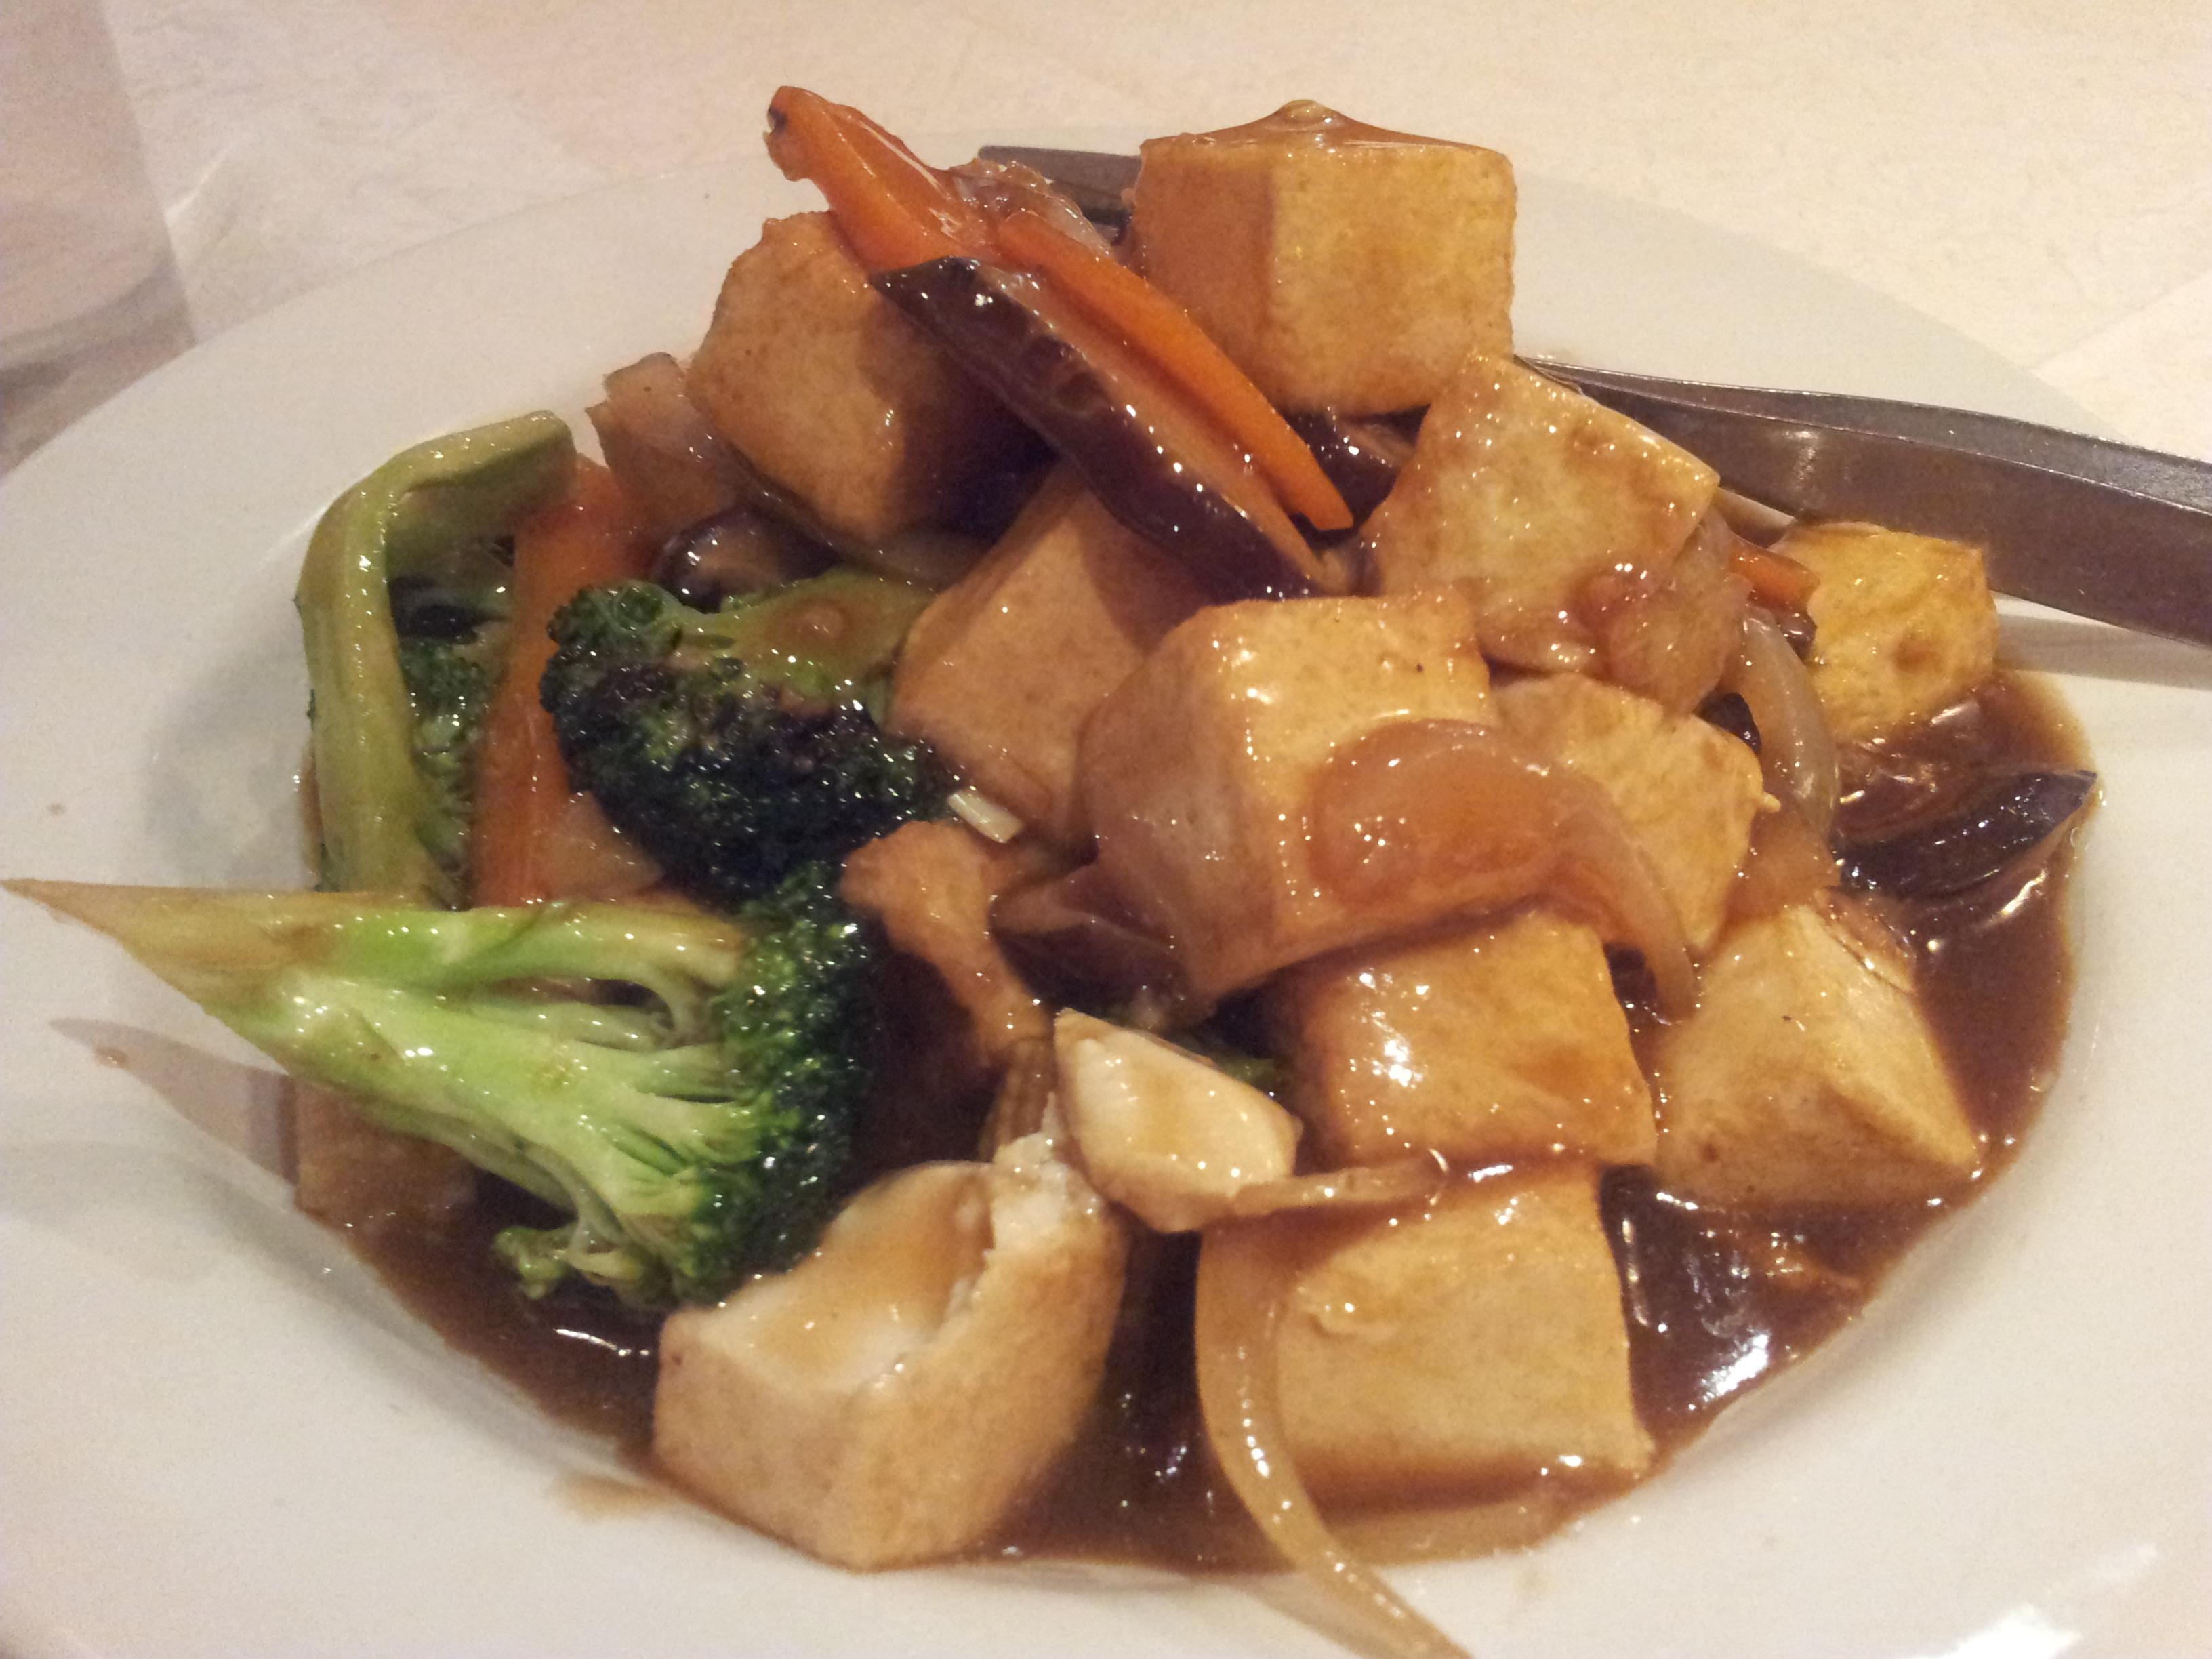 Ravintola China, Helsinki: tofua, parsakaalia ja siitakesieniä